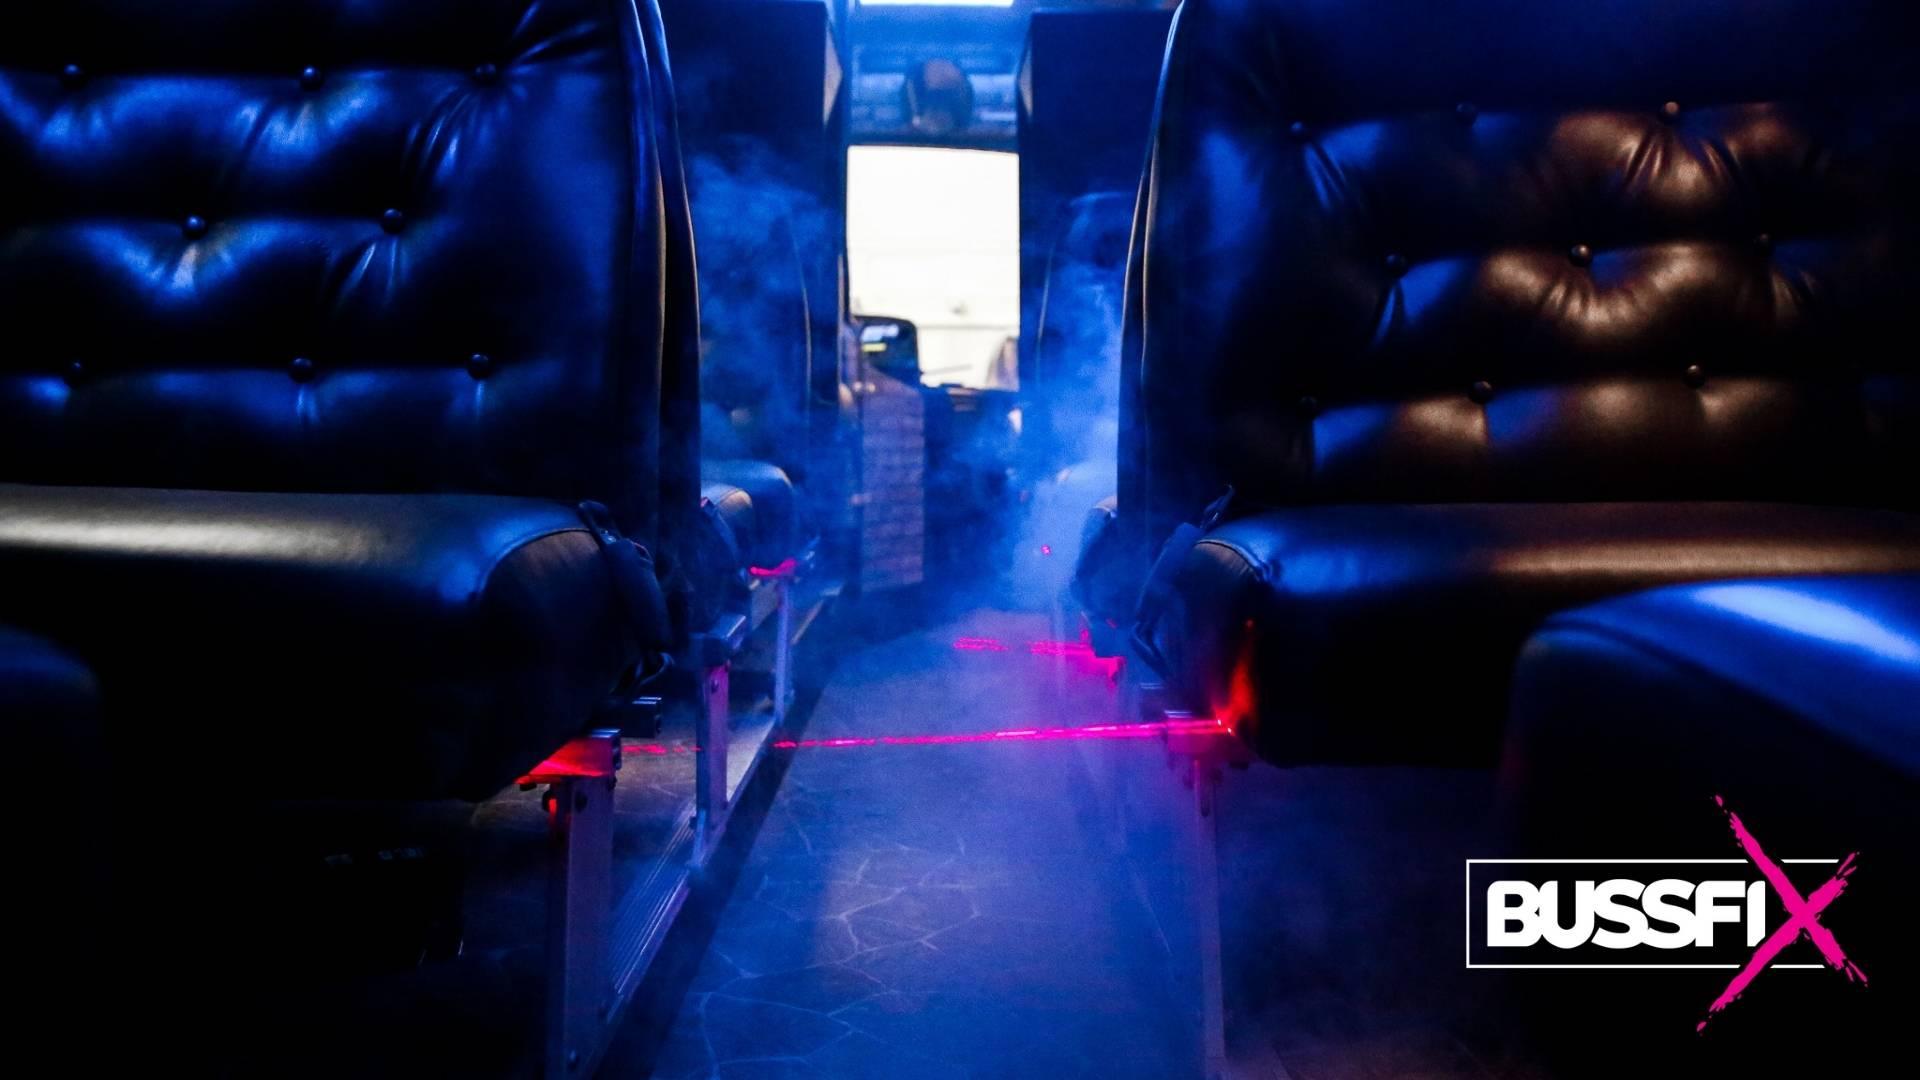 Kjøpe russebuss Hvelvet 2020